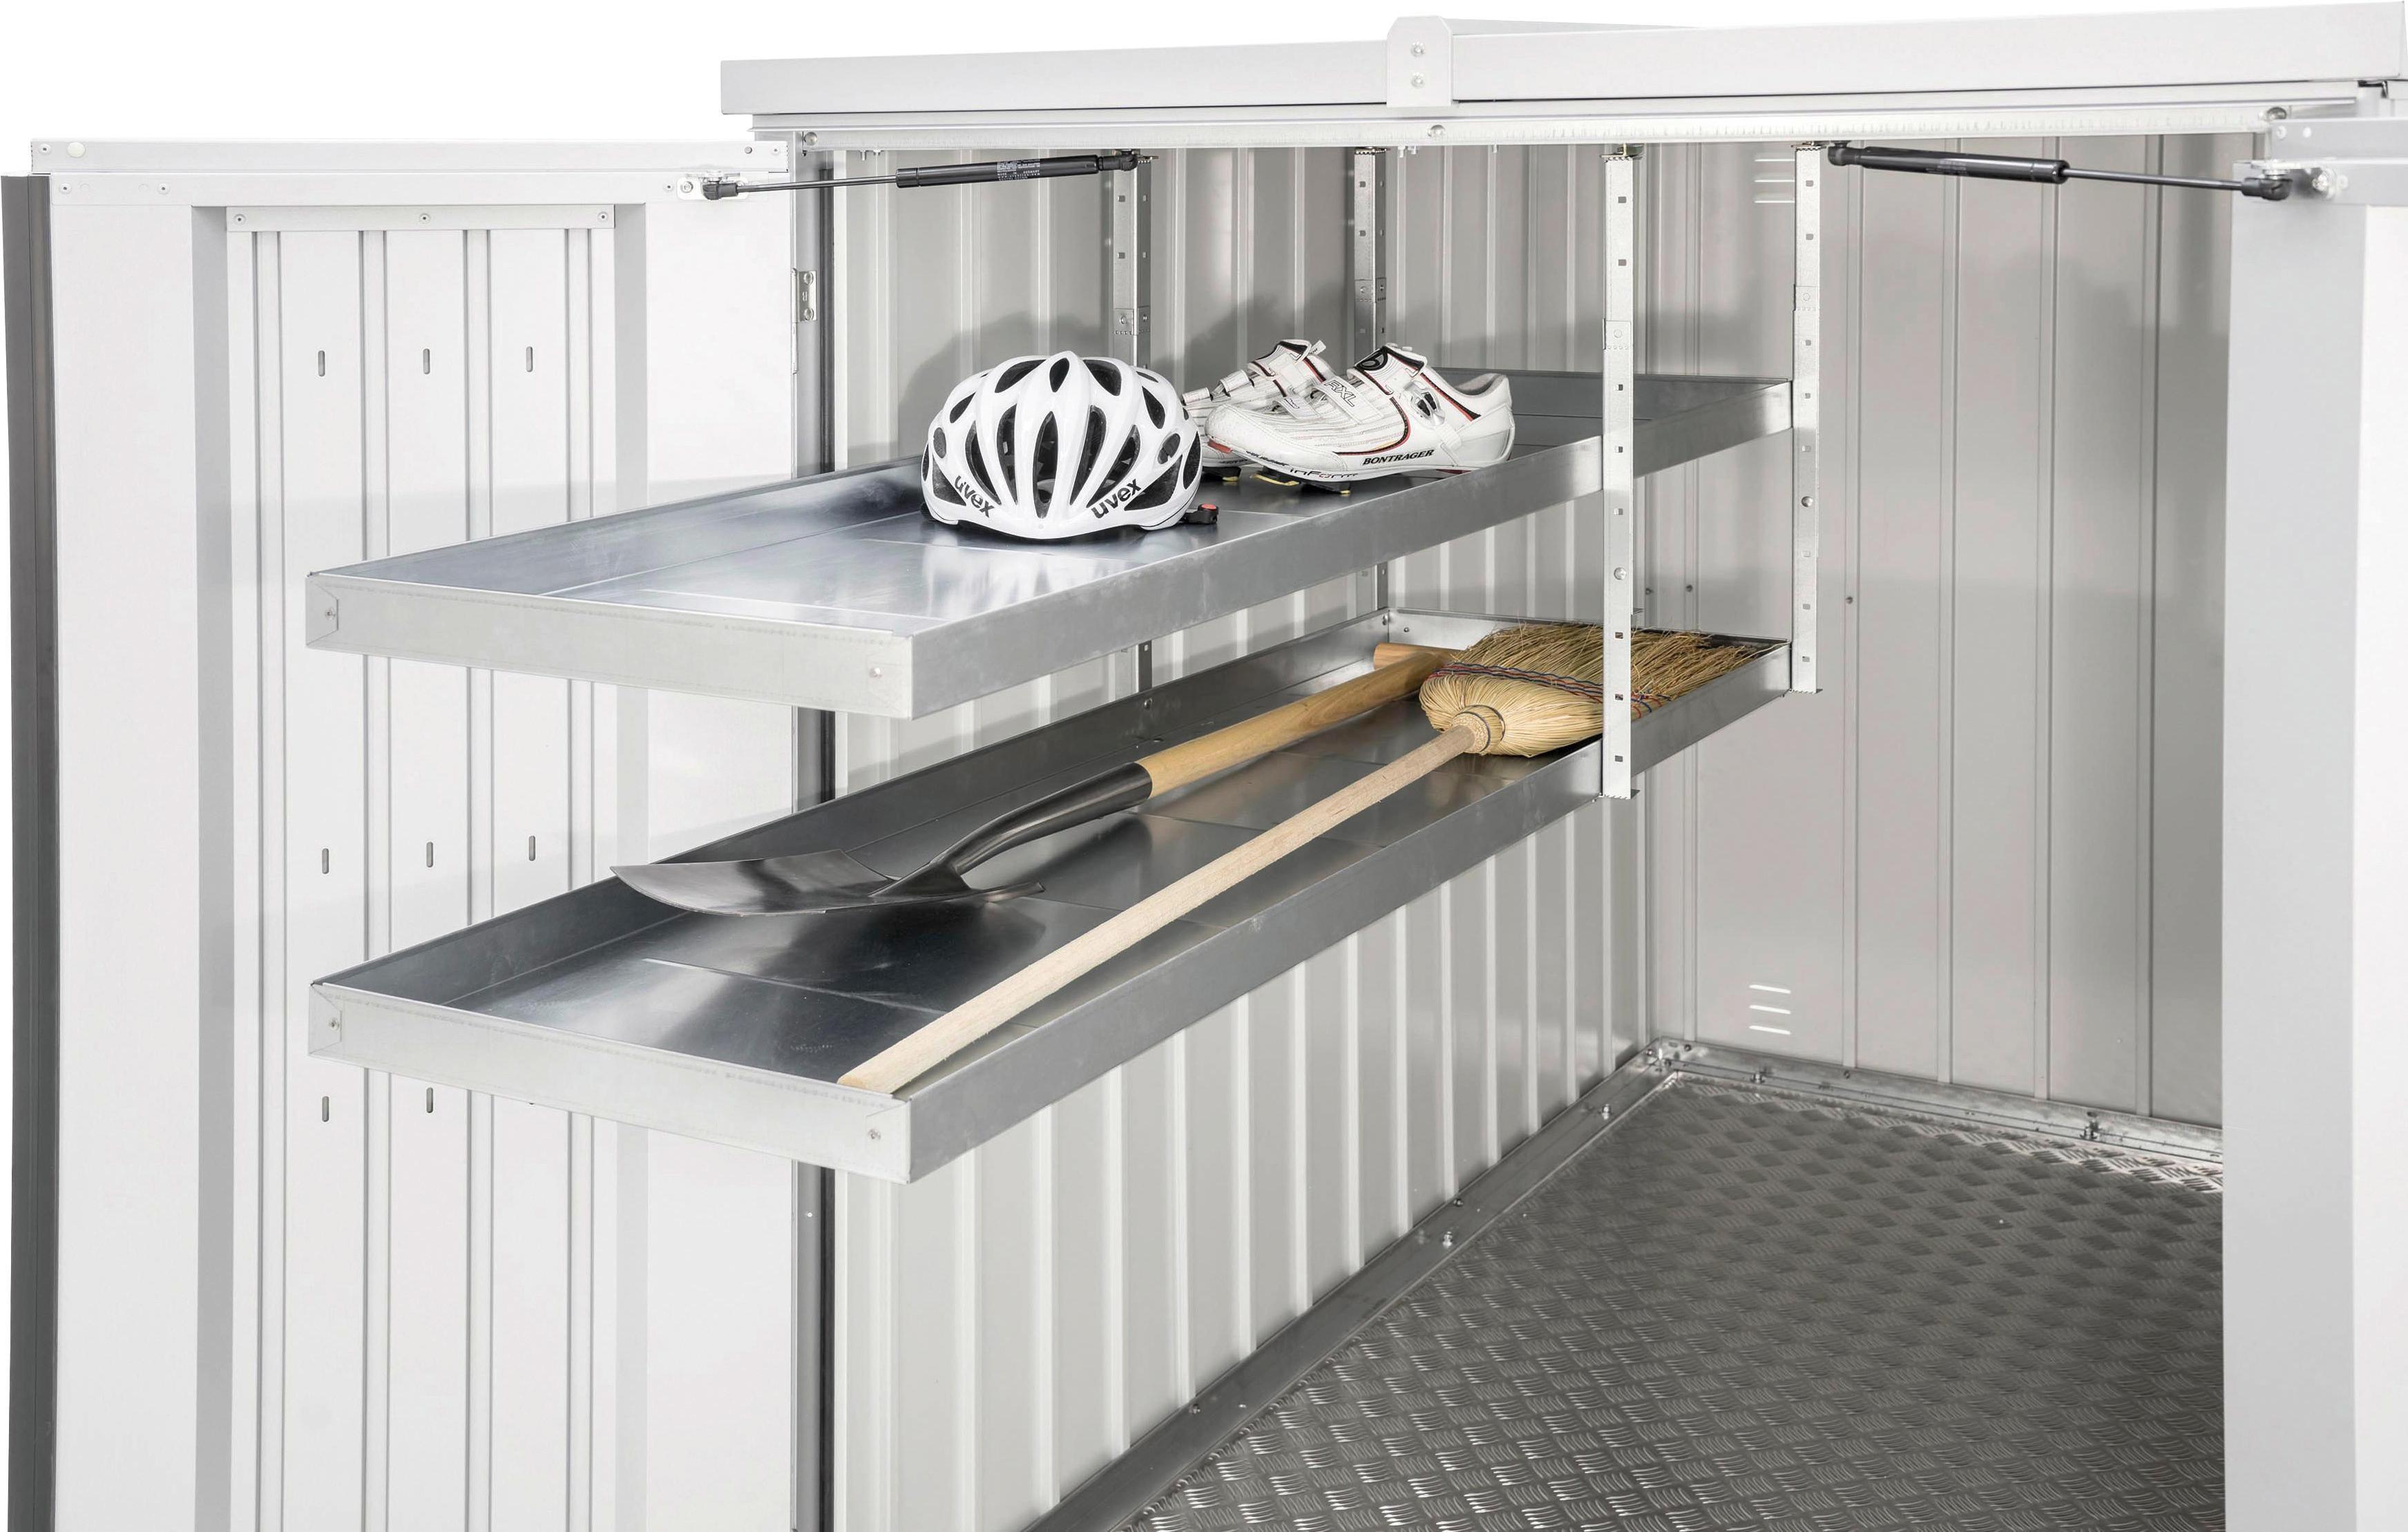 Groß Grün Cycler Manuelle Küchen Kompost Schredder Bilder ...